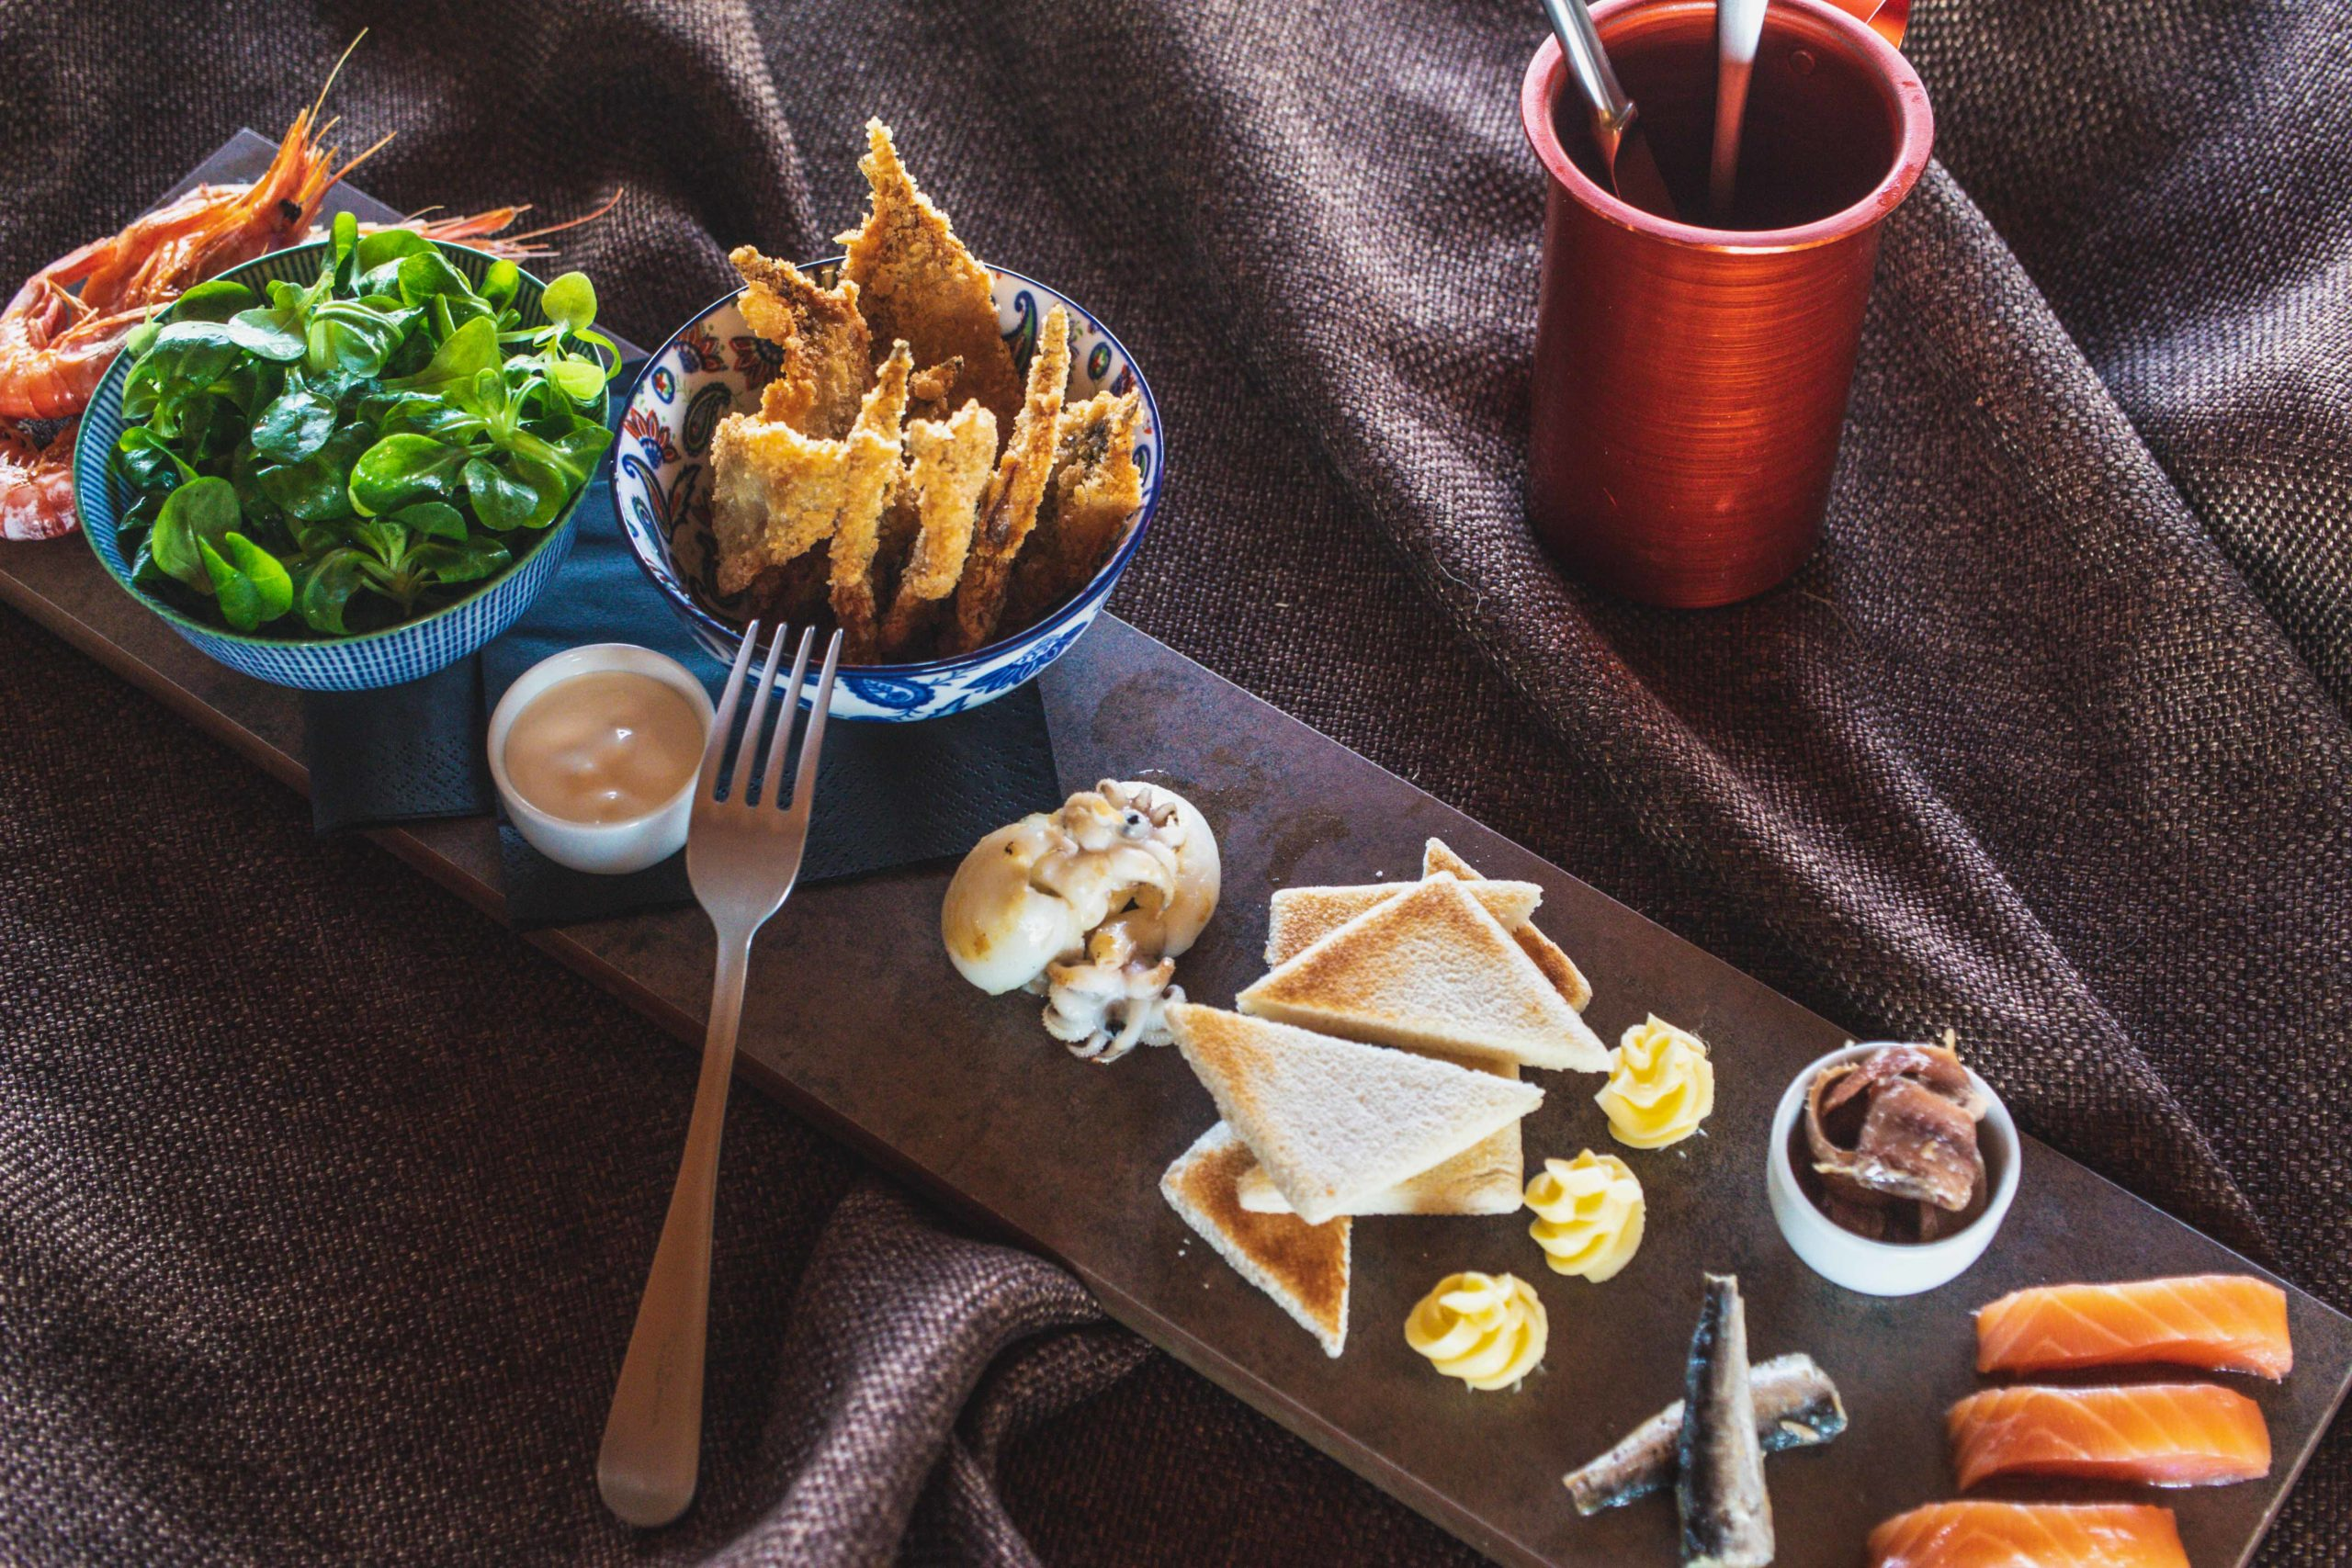 tagliere con pesce, pane tostato, insalata e salse